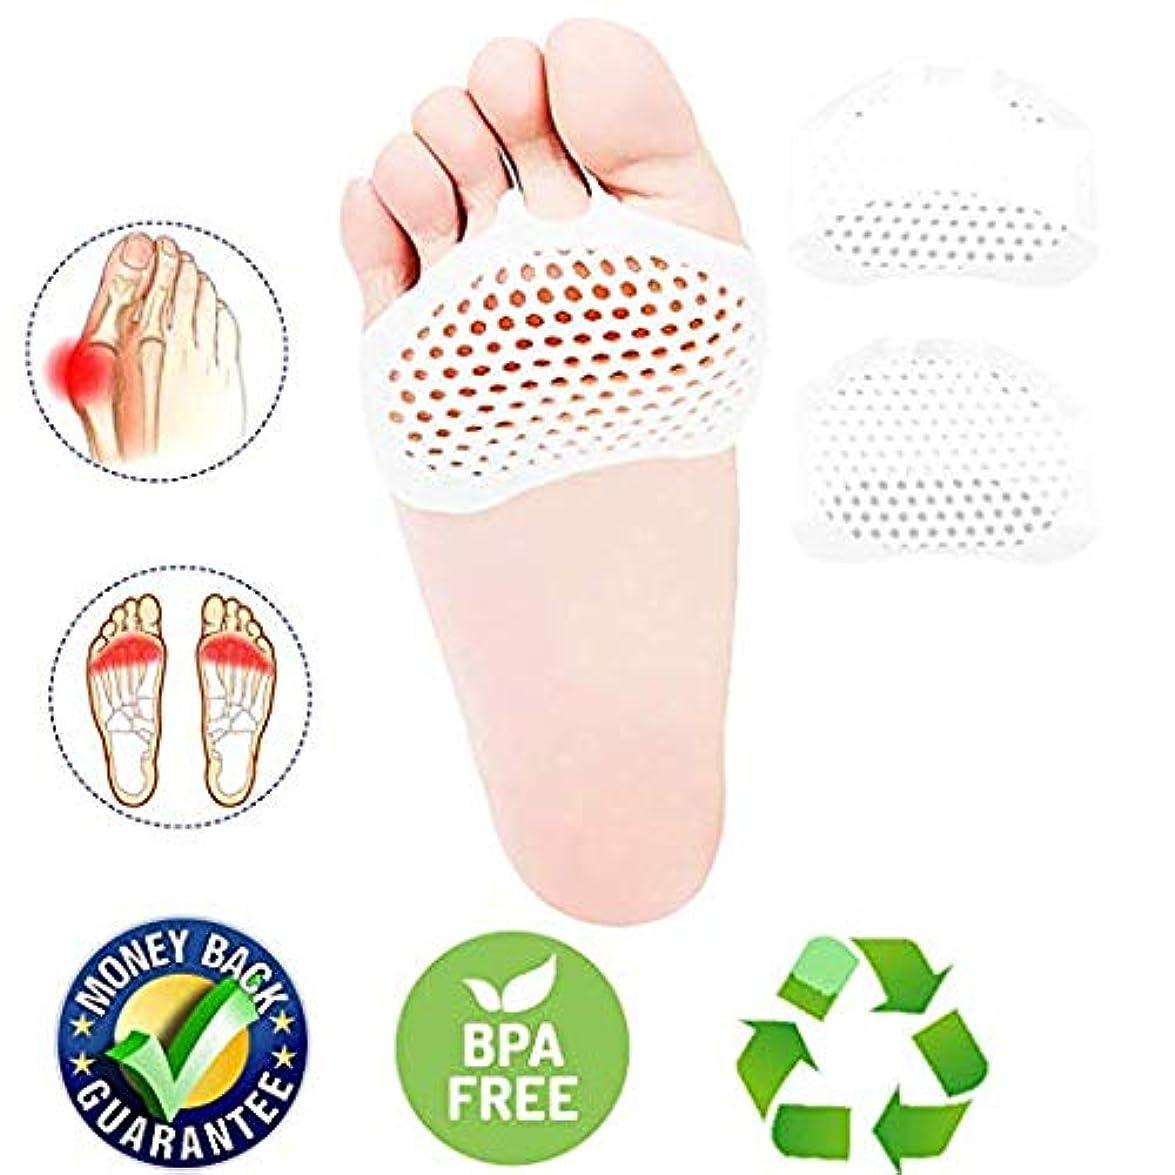 通訳スリンク熱心中足骨パッドフットクッションのボール、つま先セパレーター、つま先セパレーターストレッチャー、ゲルゴムシリコーンsesamoiditisパッド、通気性のある足の痛みを緩和するクッションハンマーまっすぐな腱膜炎の痛みの足